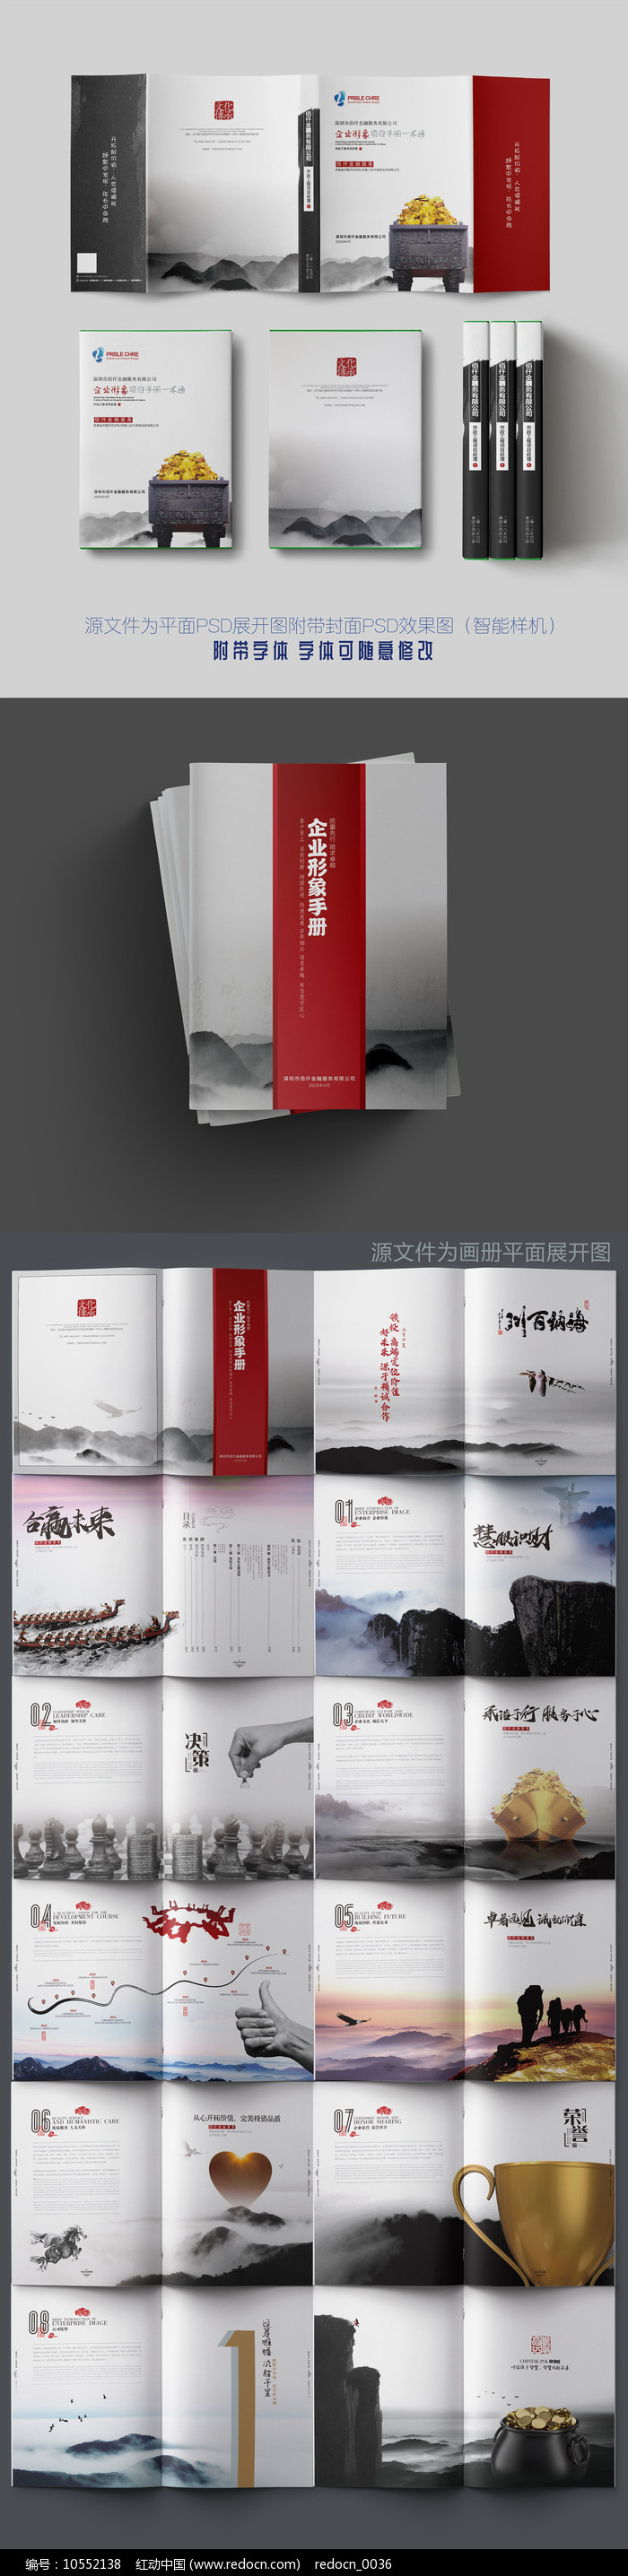 大气中国风金融画册设计图片